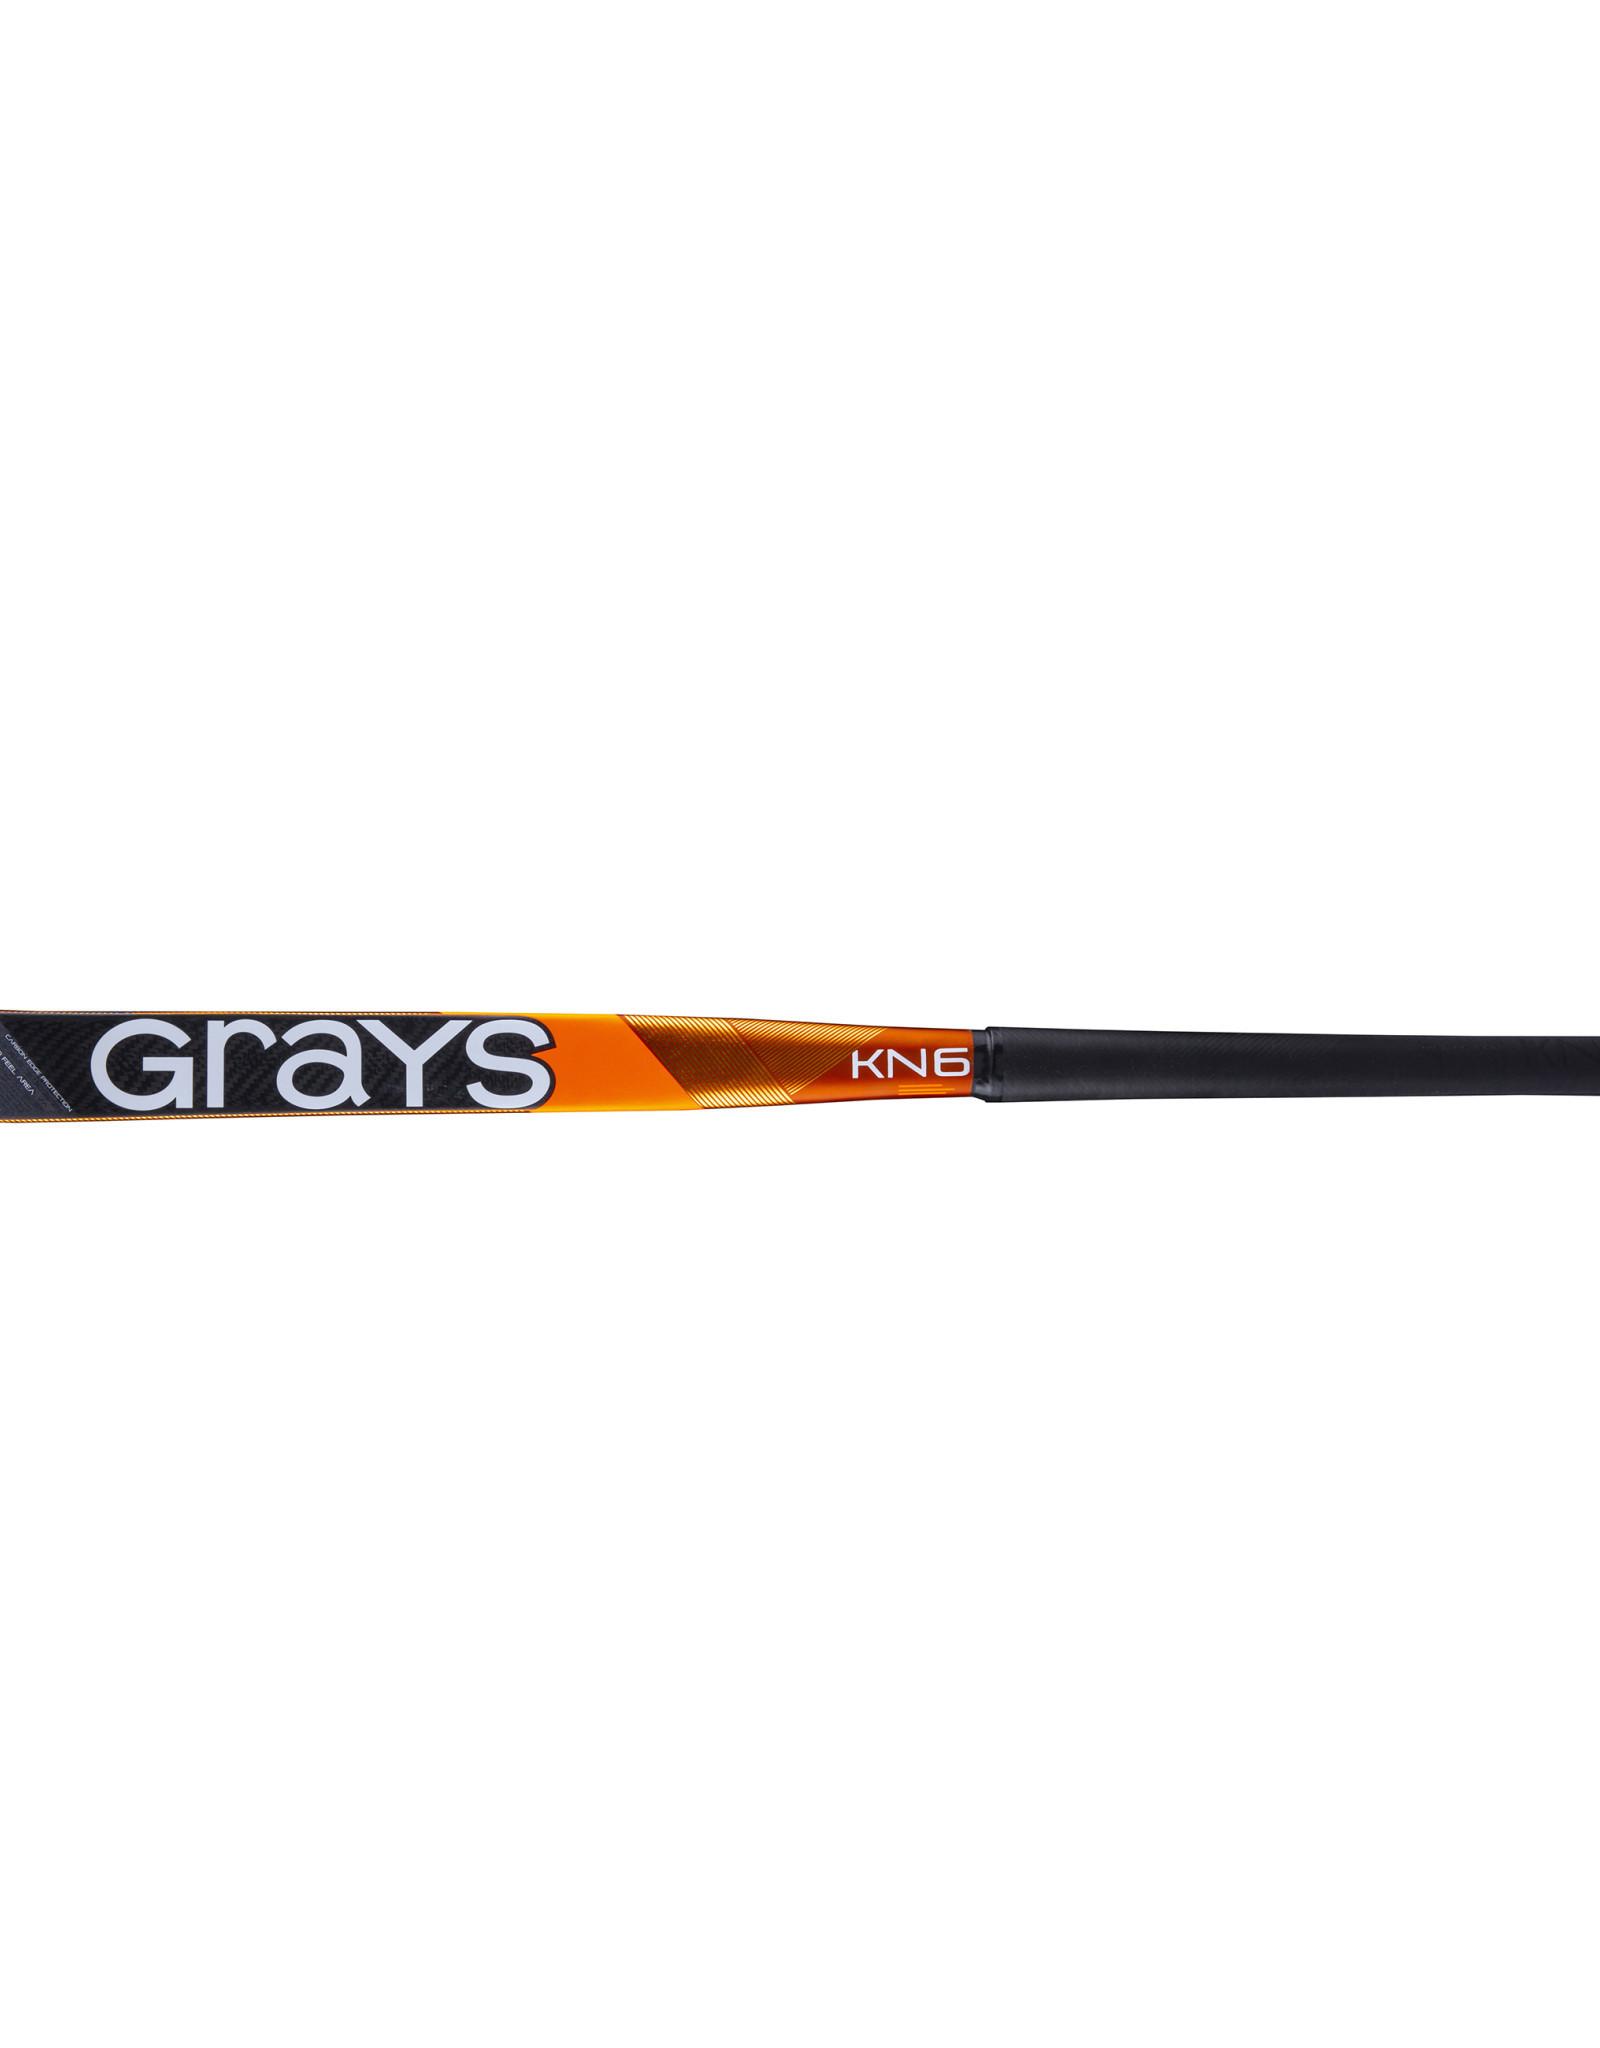 Grays STK KN6 MIDBOW MC